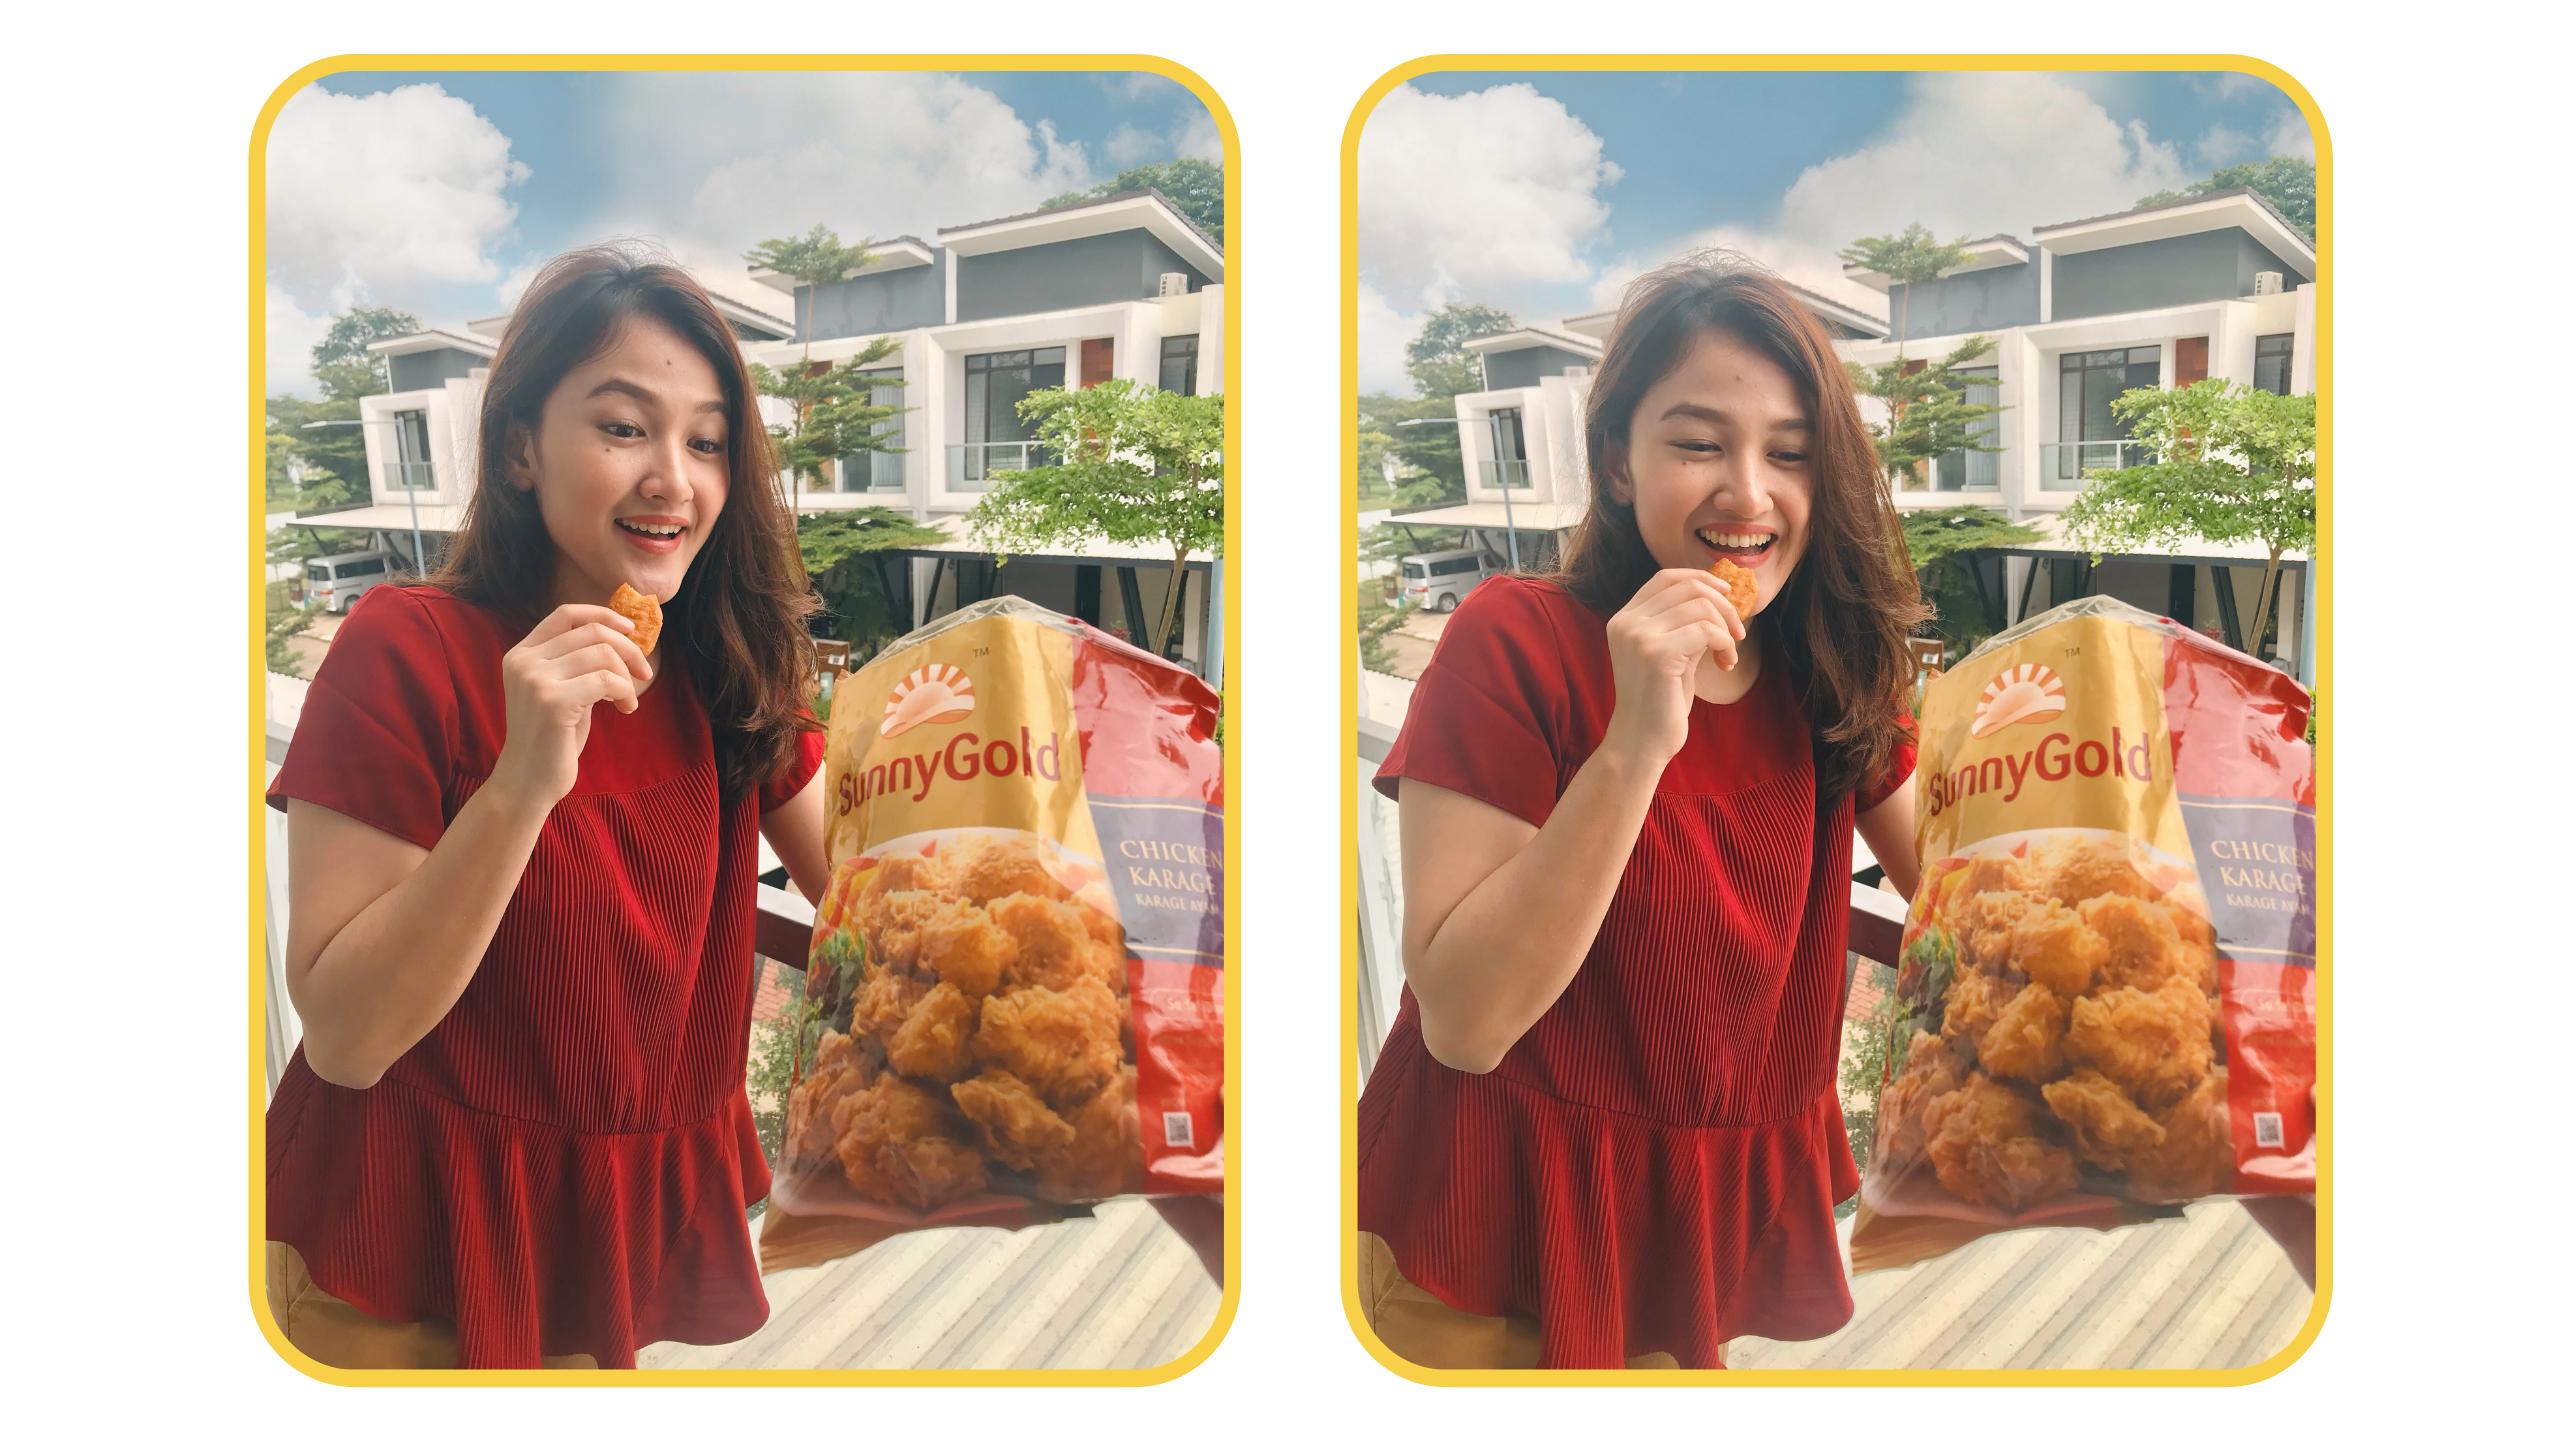 Sunnygold nugget dan sosis ayam